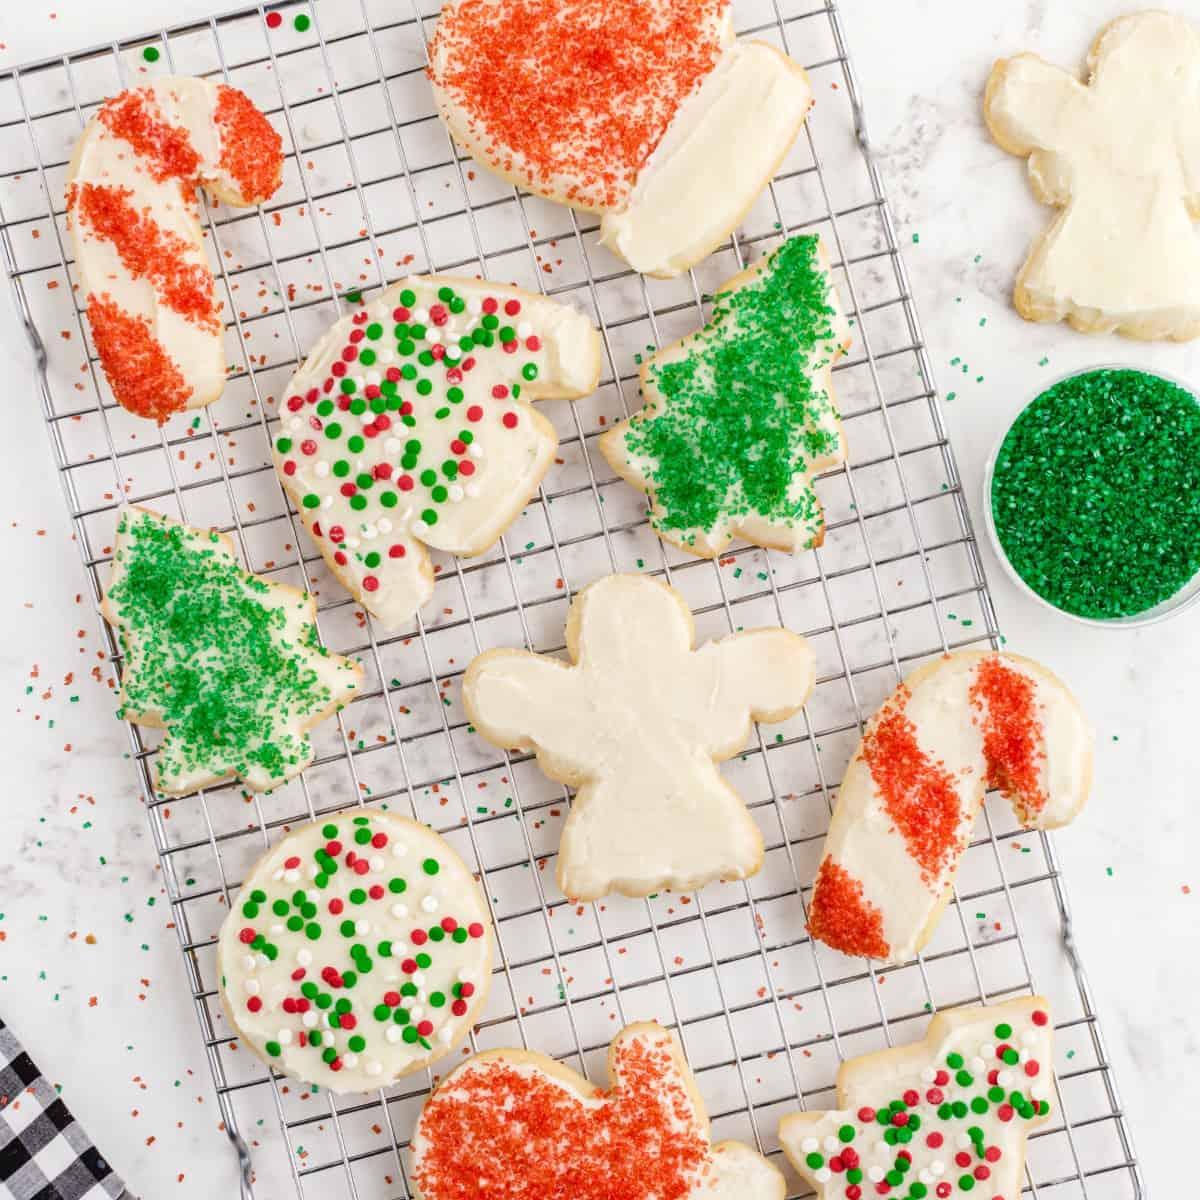 Christmas sugar cookies on wire rack